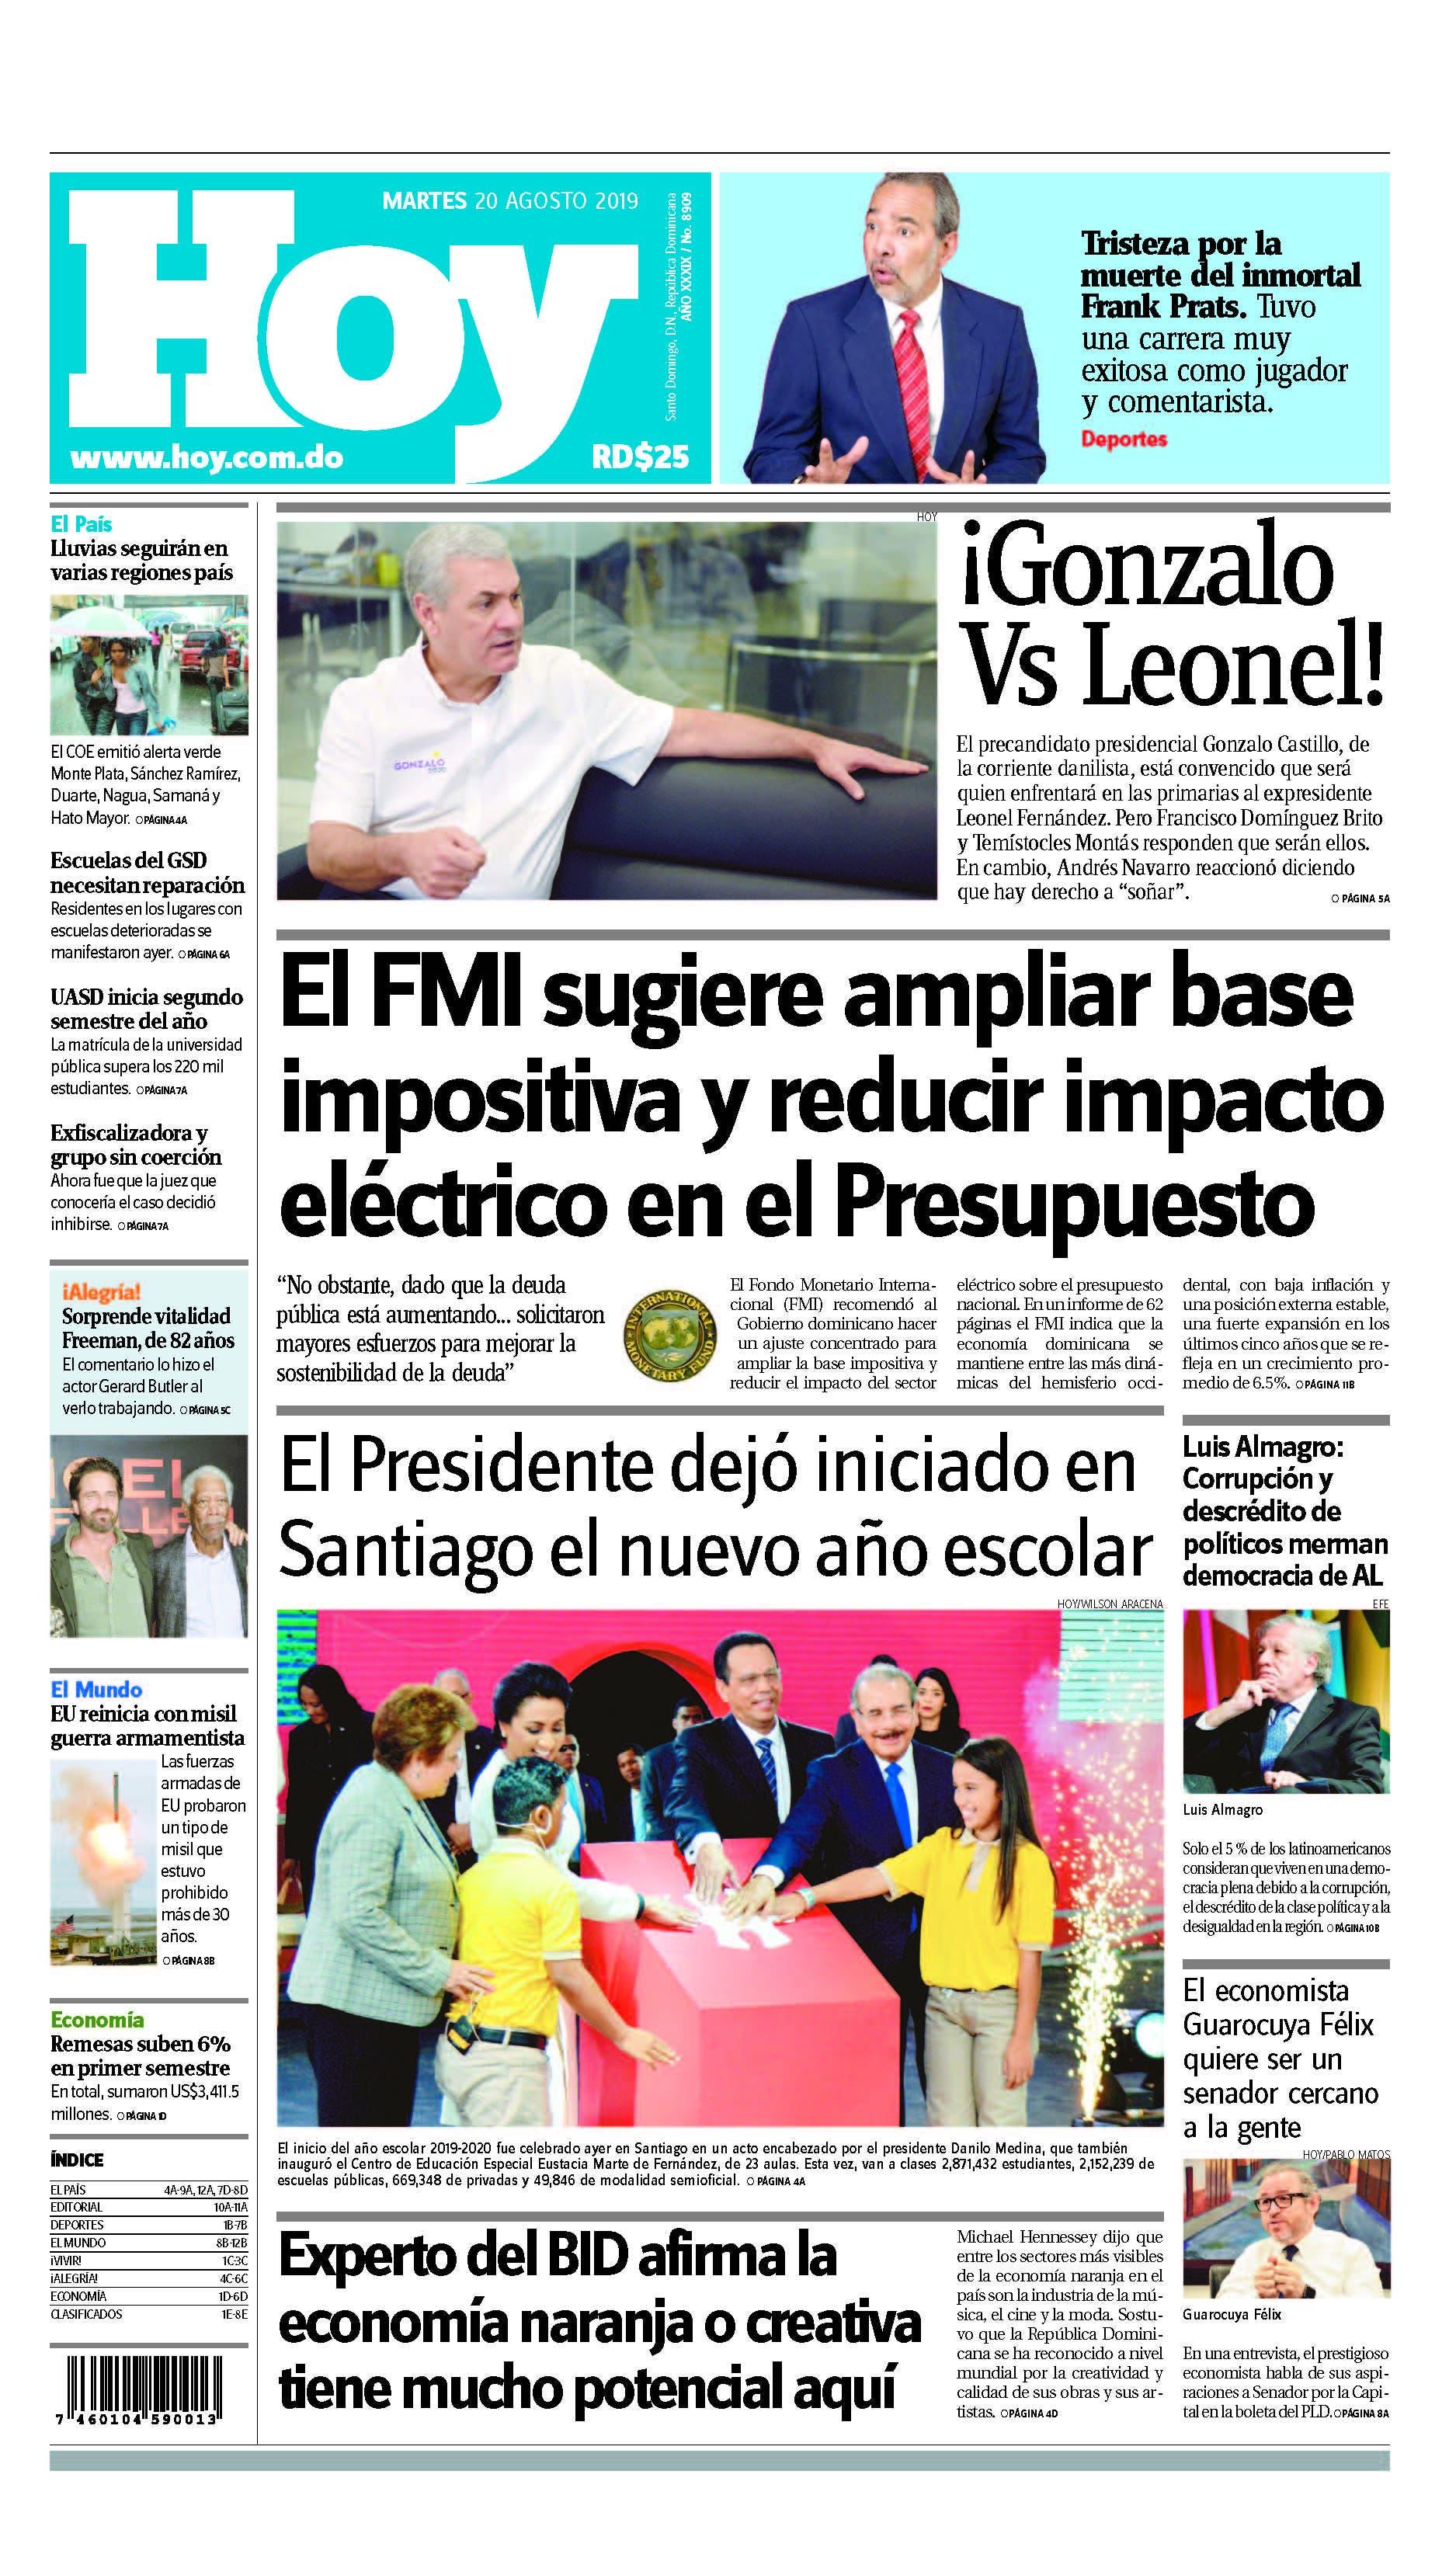 Pages from Edición impresa HOY martes 20 de agosto del 2019